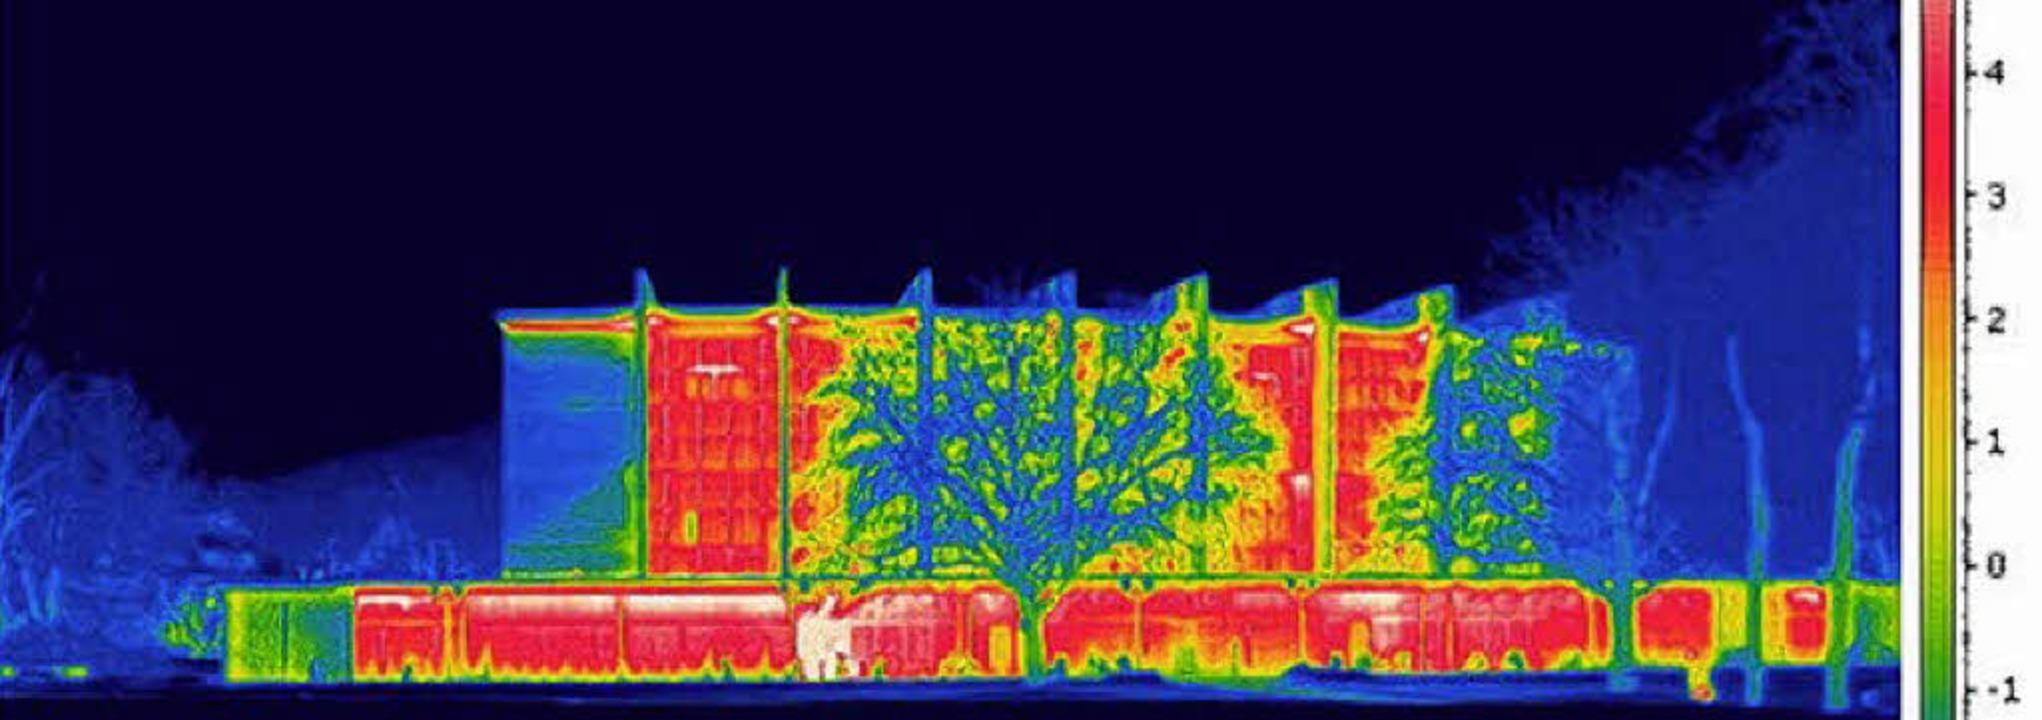 Die ehemalige Stadthalle, heute UB,  i...utet, dass Wärme nach außen entweicht.    Foto: jörg pohlmann